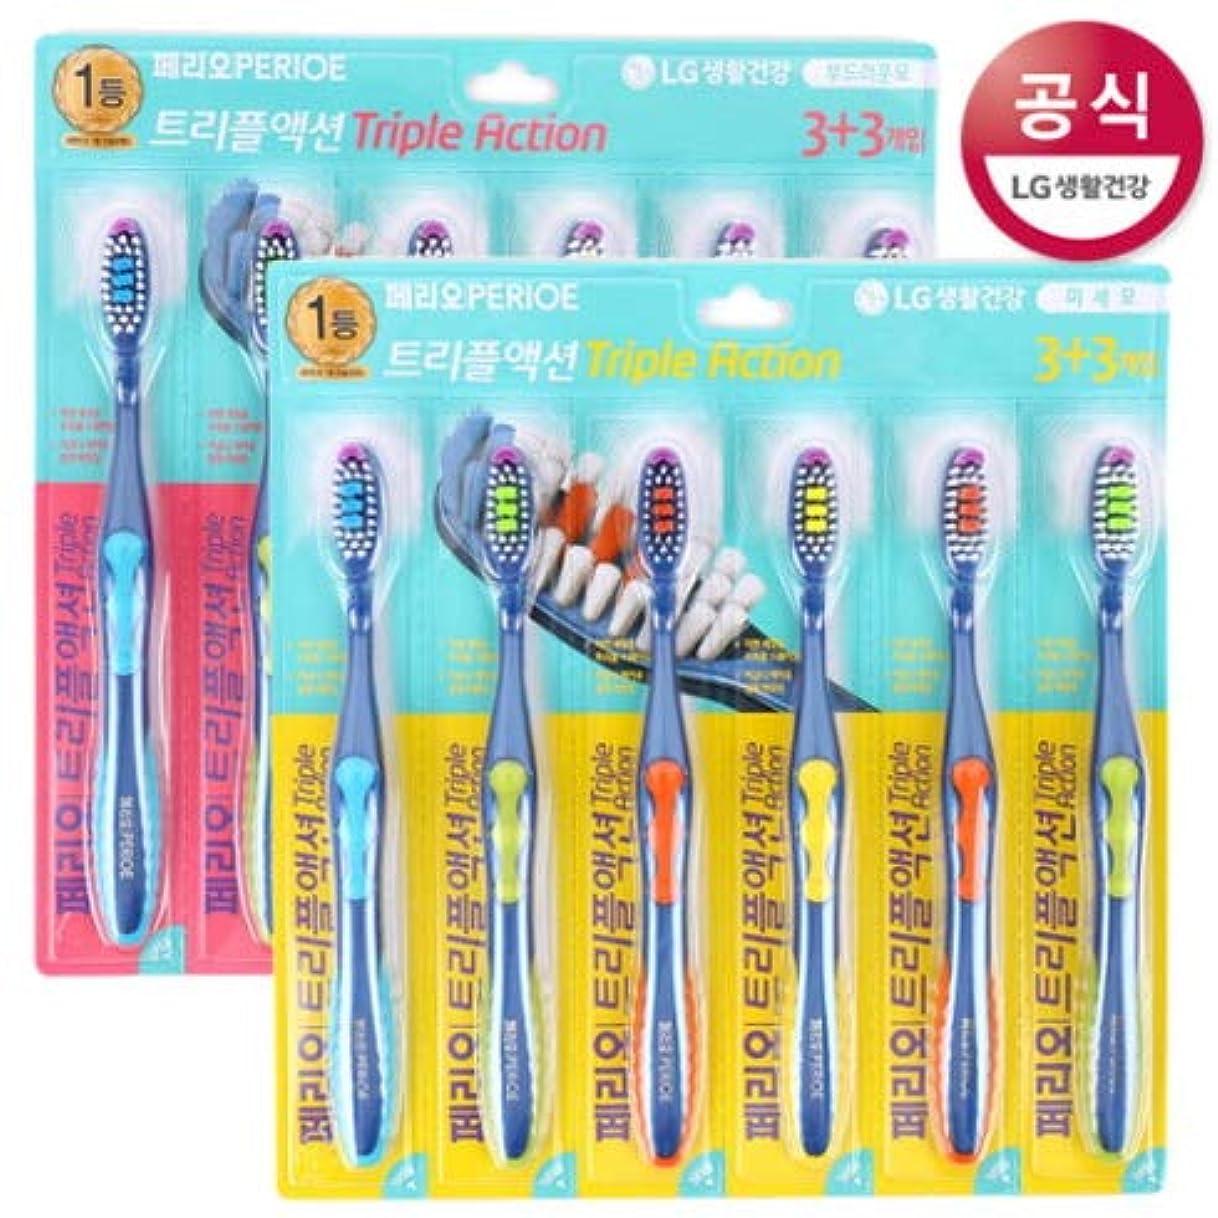 湿気の多い読書サイクル[LG HnB] Perio Triple Action Toothbrush/ペリオトリプルアクション歯ブラシ 6口x2個(海外直送品)